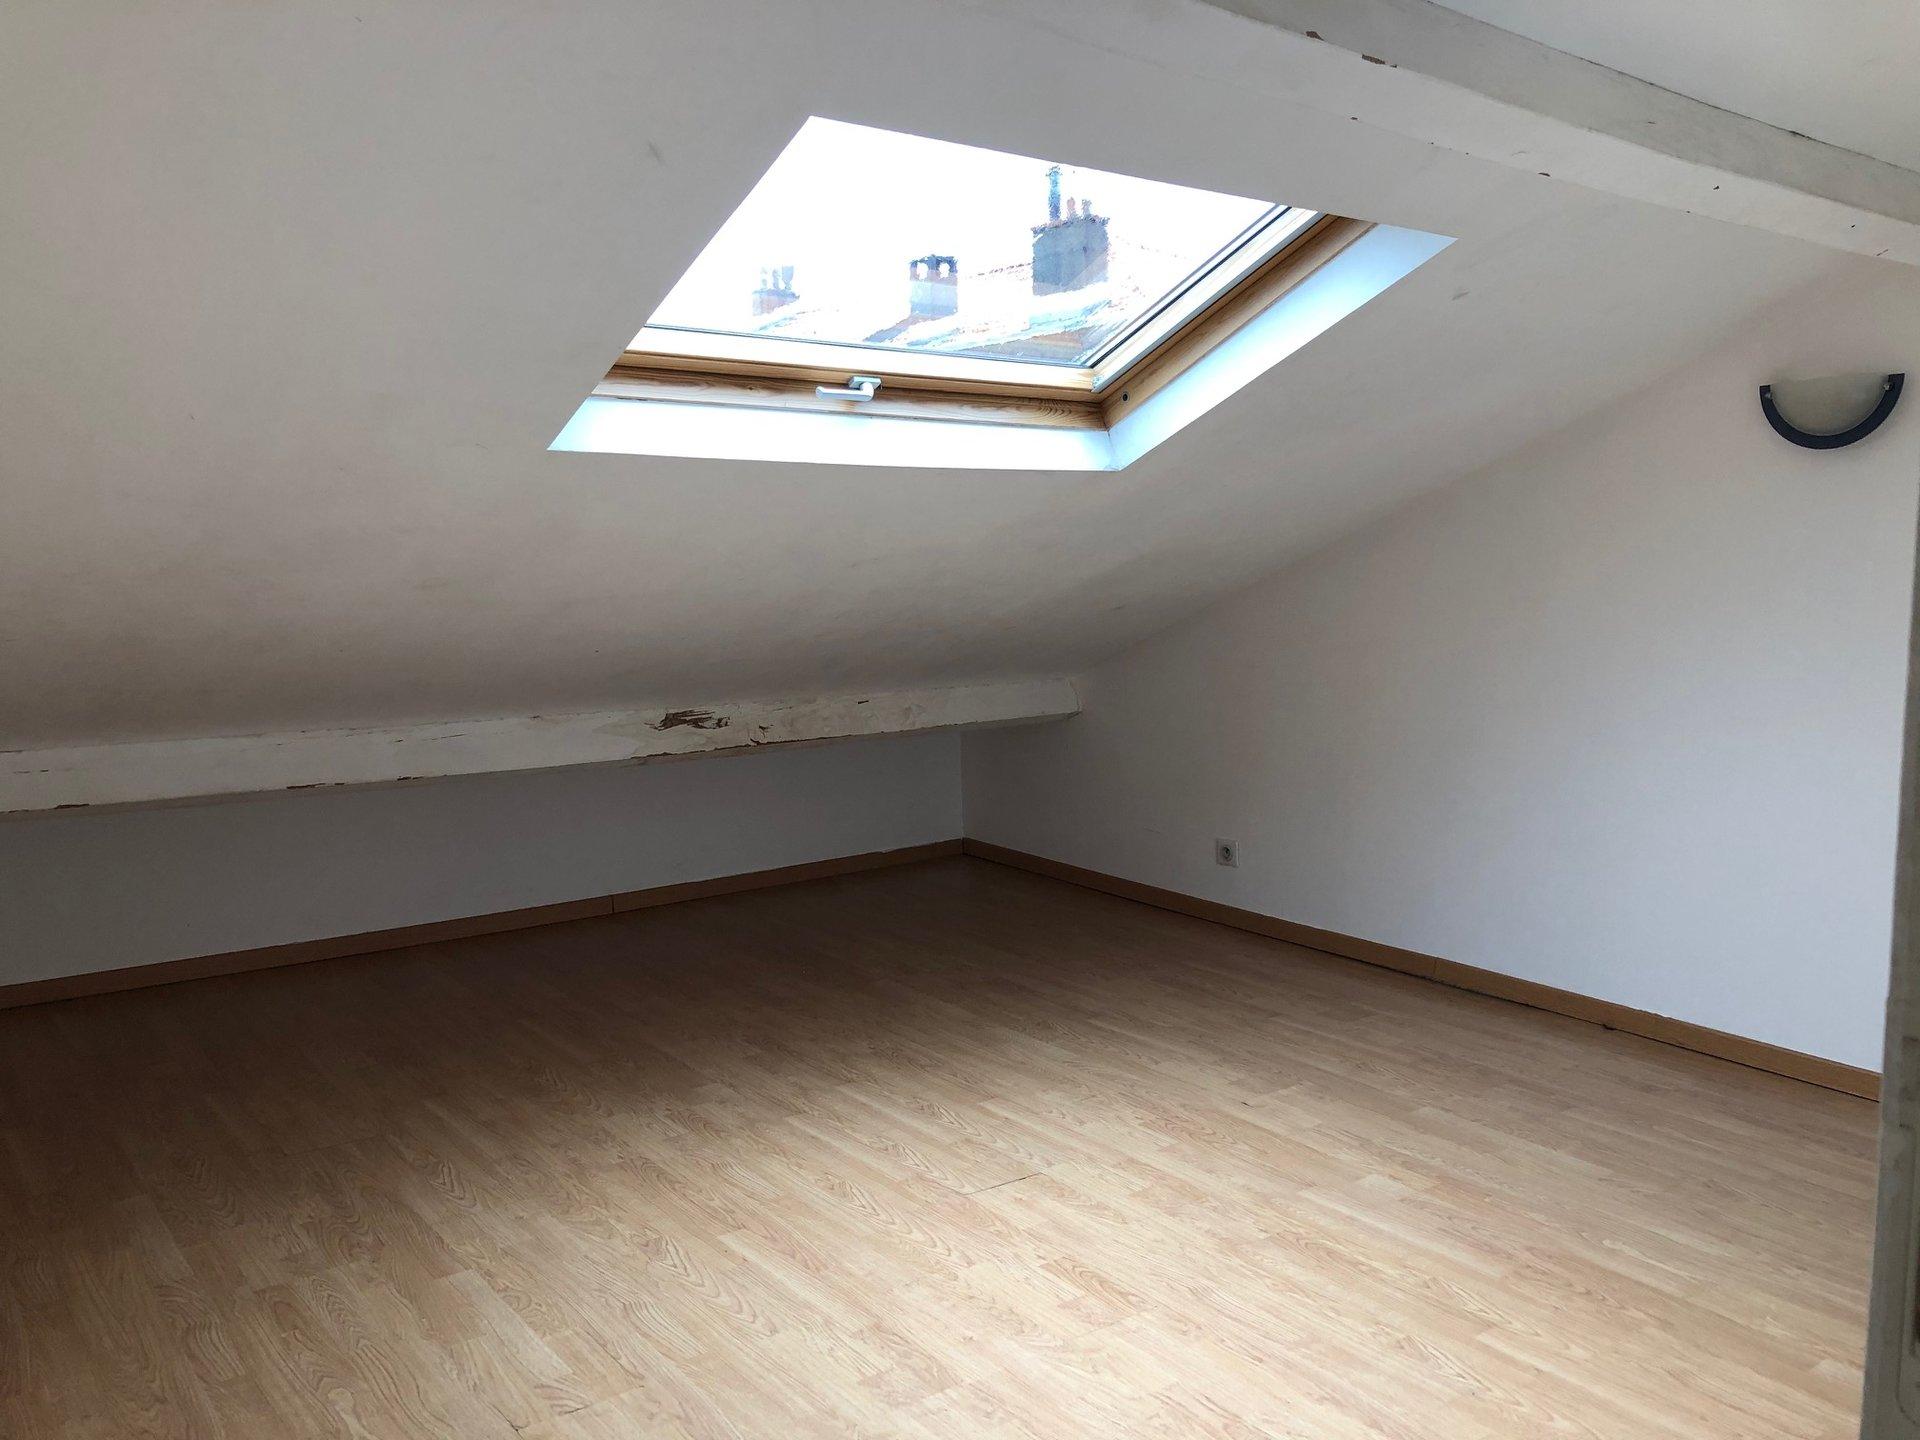 2/3 pièces dernier étage